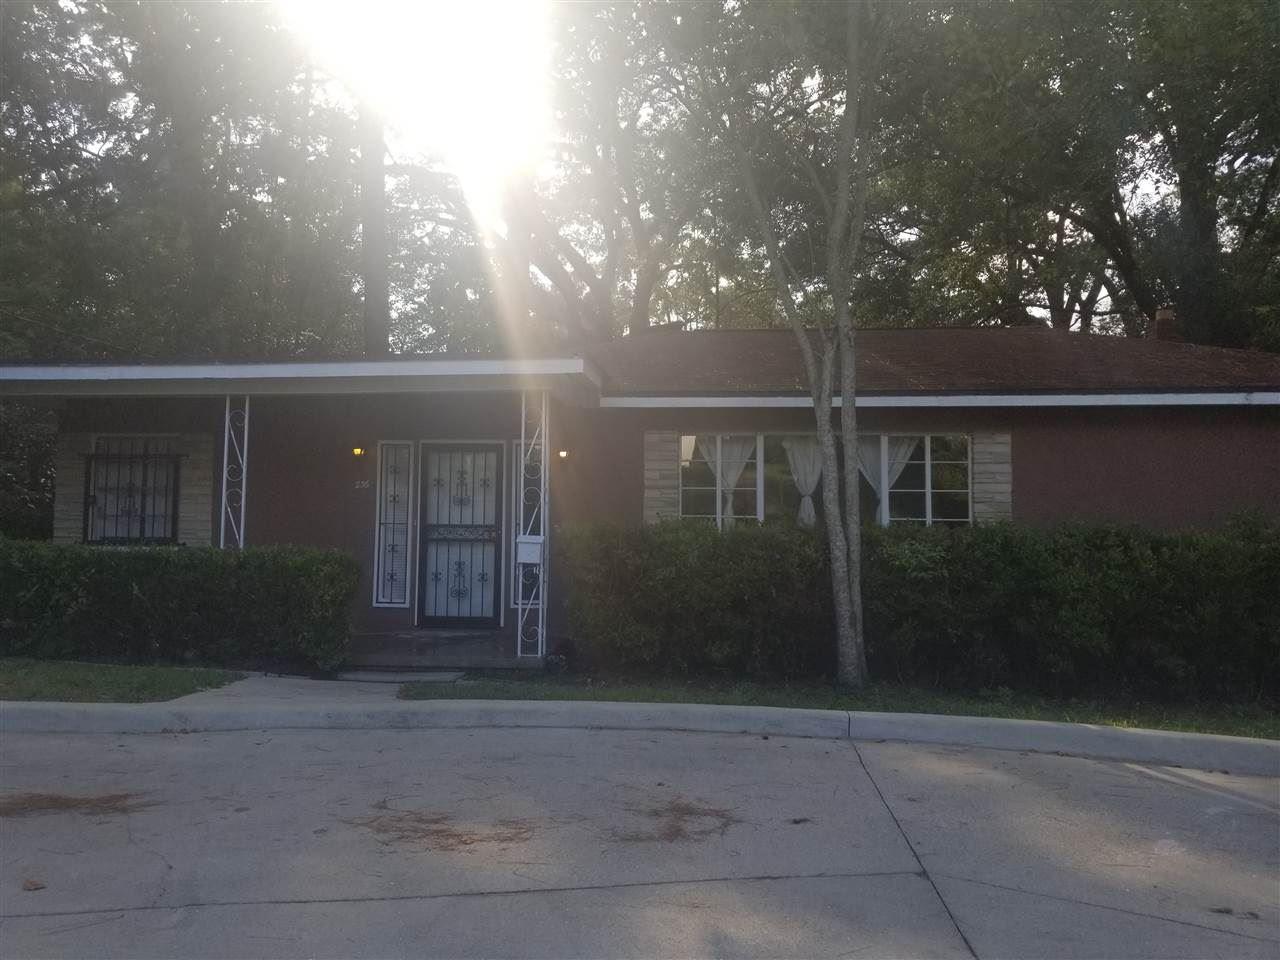 Photo of 236 S LIPONA Road, TALLAHASSEE, FL 32304 (MLS # 317649)